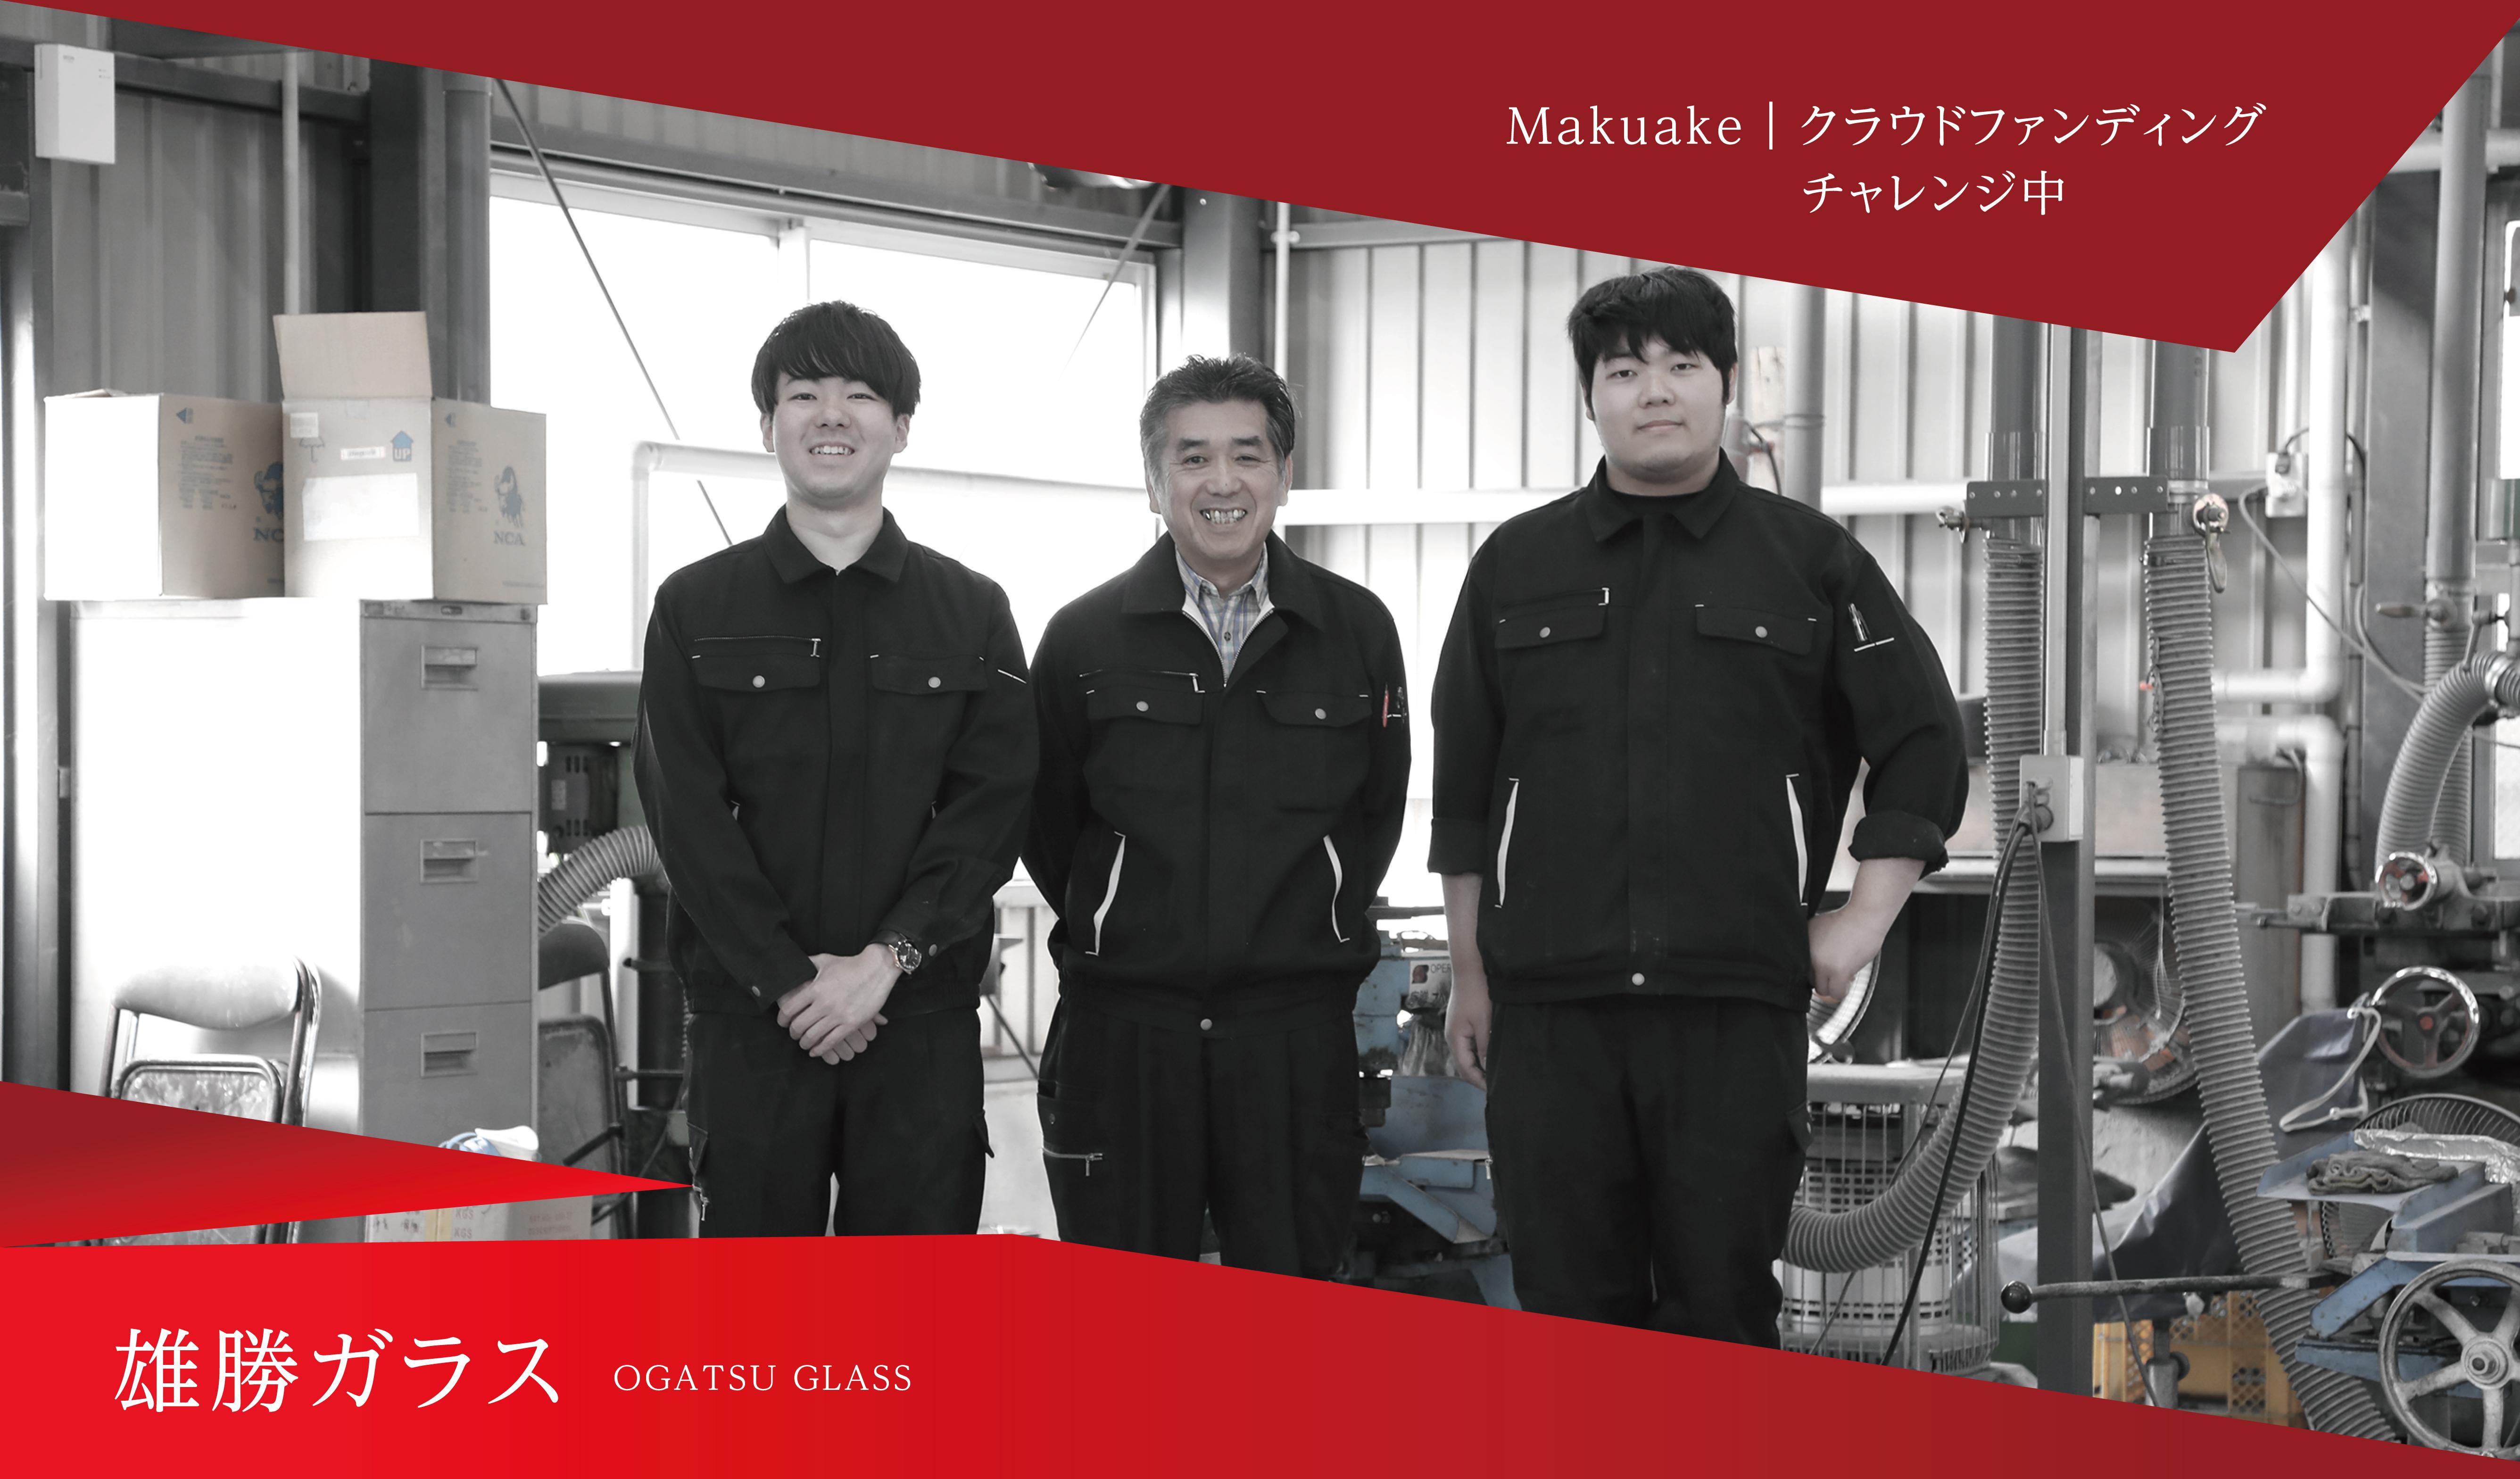 Makuake|クラウドファウンディング チャレンジ中 雄勝ガラス OGATSU GLASS